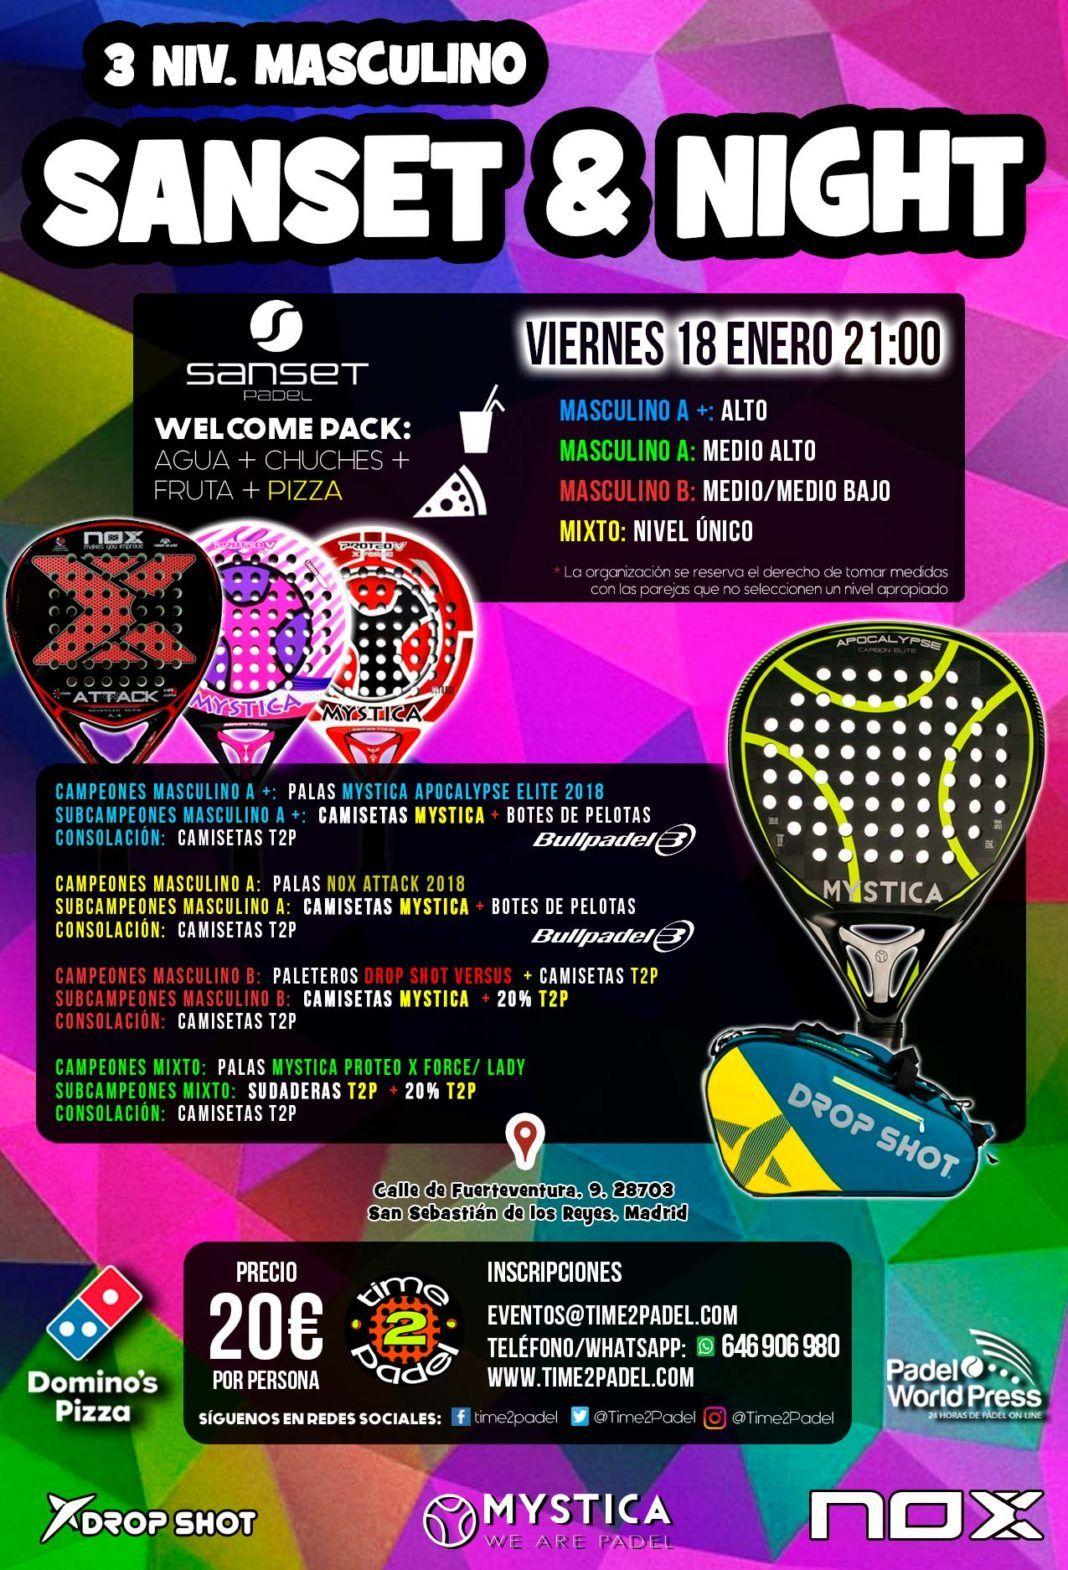 Torneos Time2Padel en Madrid 14 enero